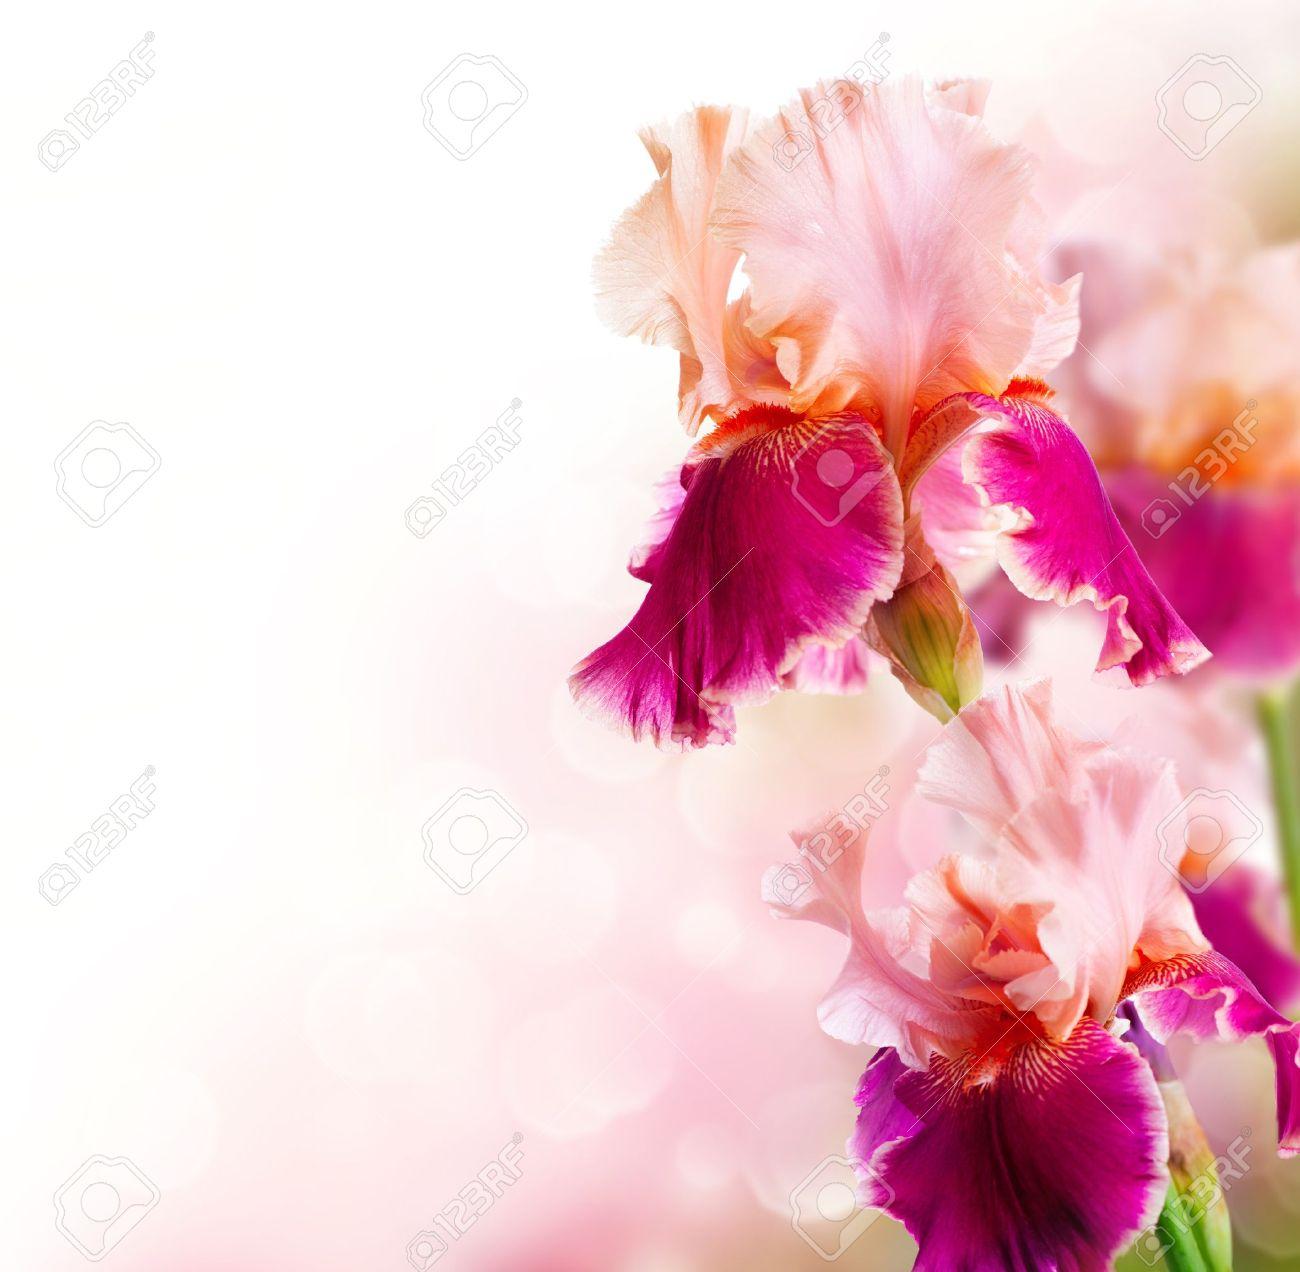 Iris Blumen Kunst Design Schone Blume Lizenzfreie Fotos Bilder Und Stock Fotografie Image 20783996